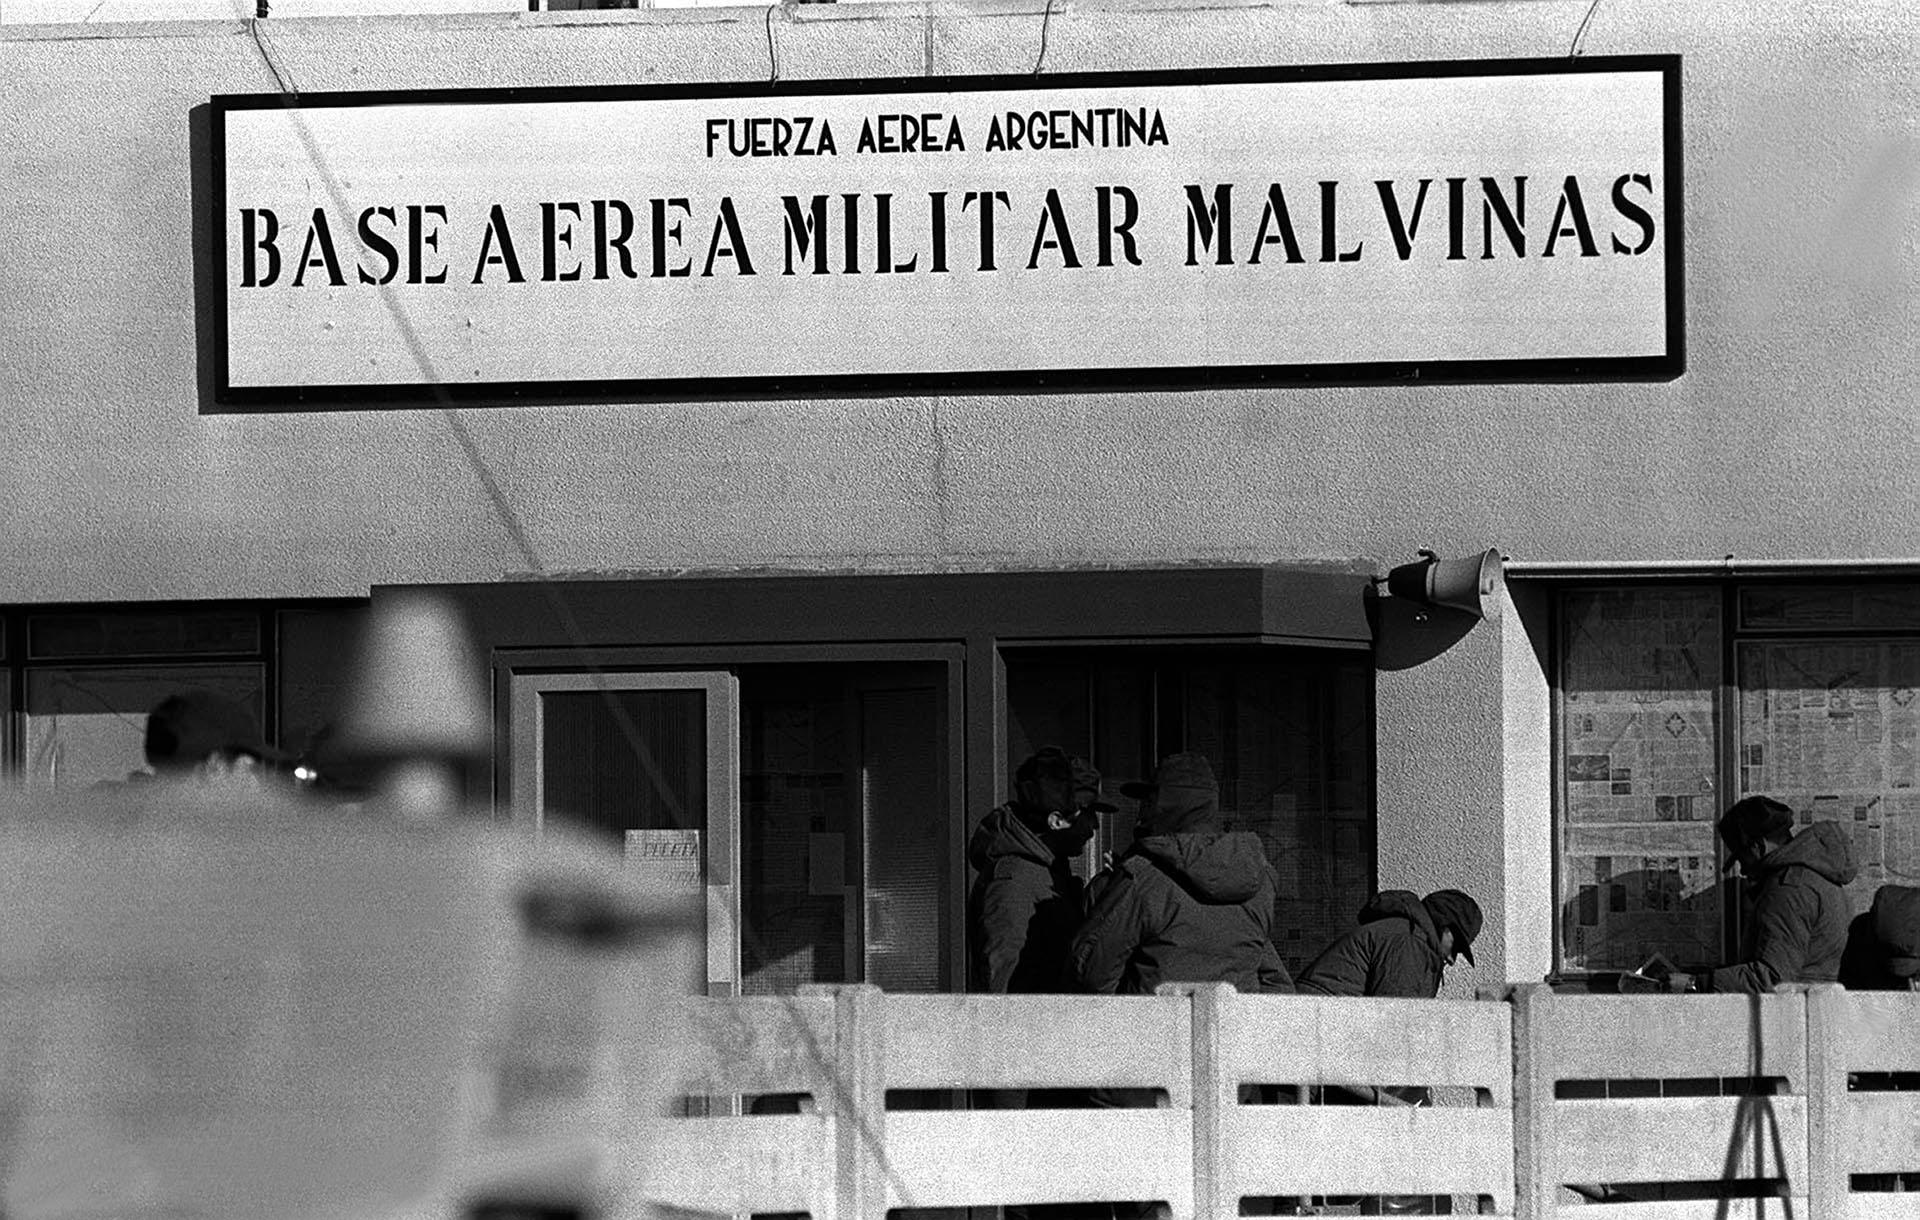 El cartel es claro y visible, para que no queden dudas. Desde la Base Militar Malvinas, los pilotos de la Fuerza Aérea y de la Aviación Naval serán guiados al combate (Foto: Telam).